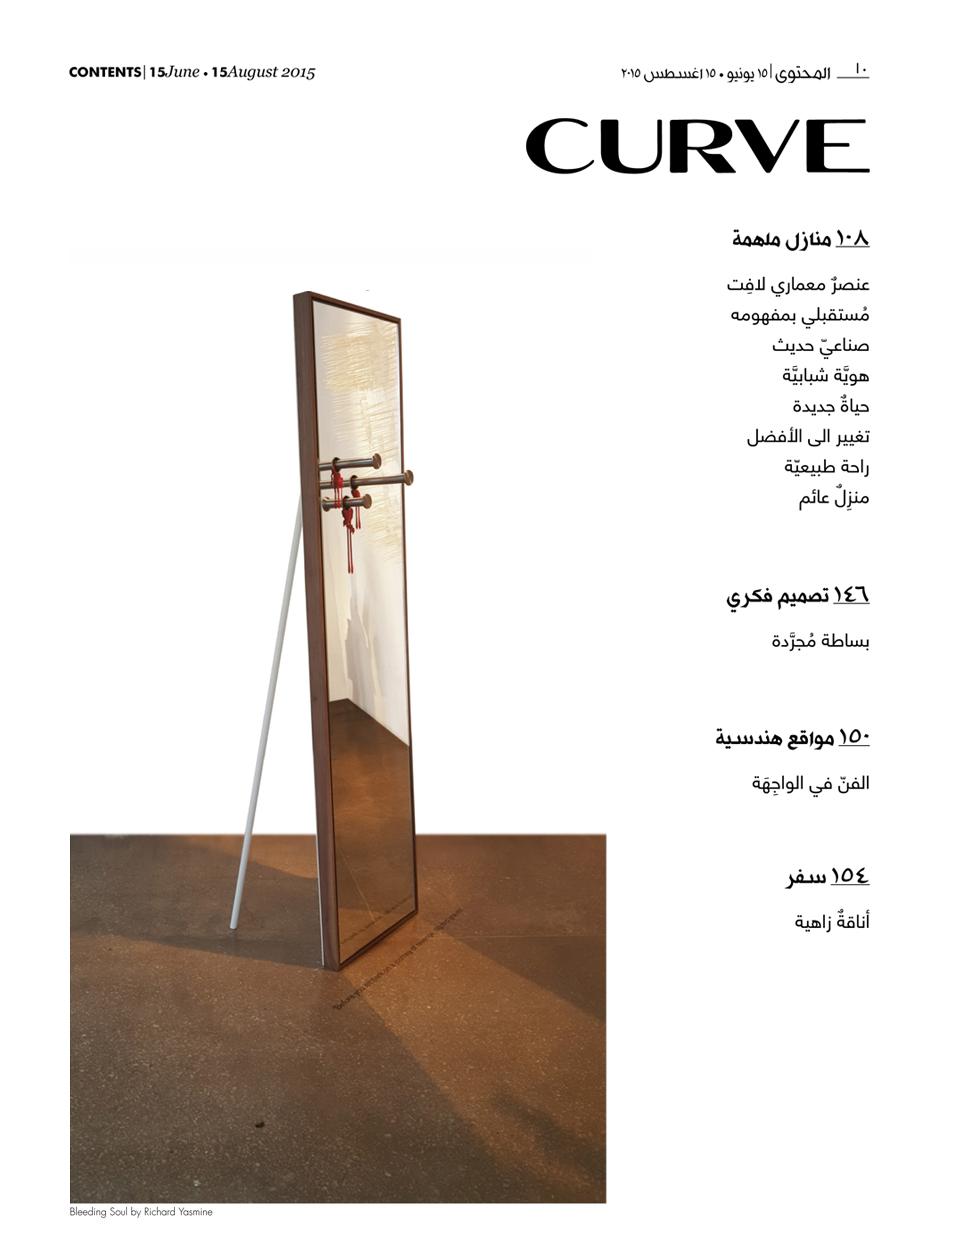 Curve KSA